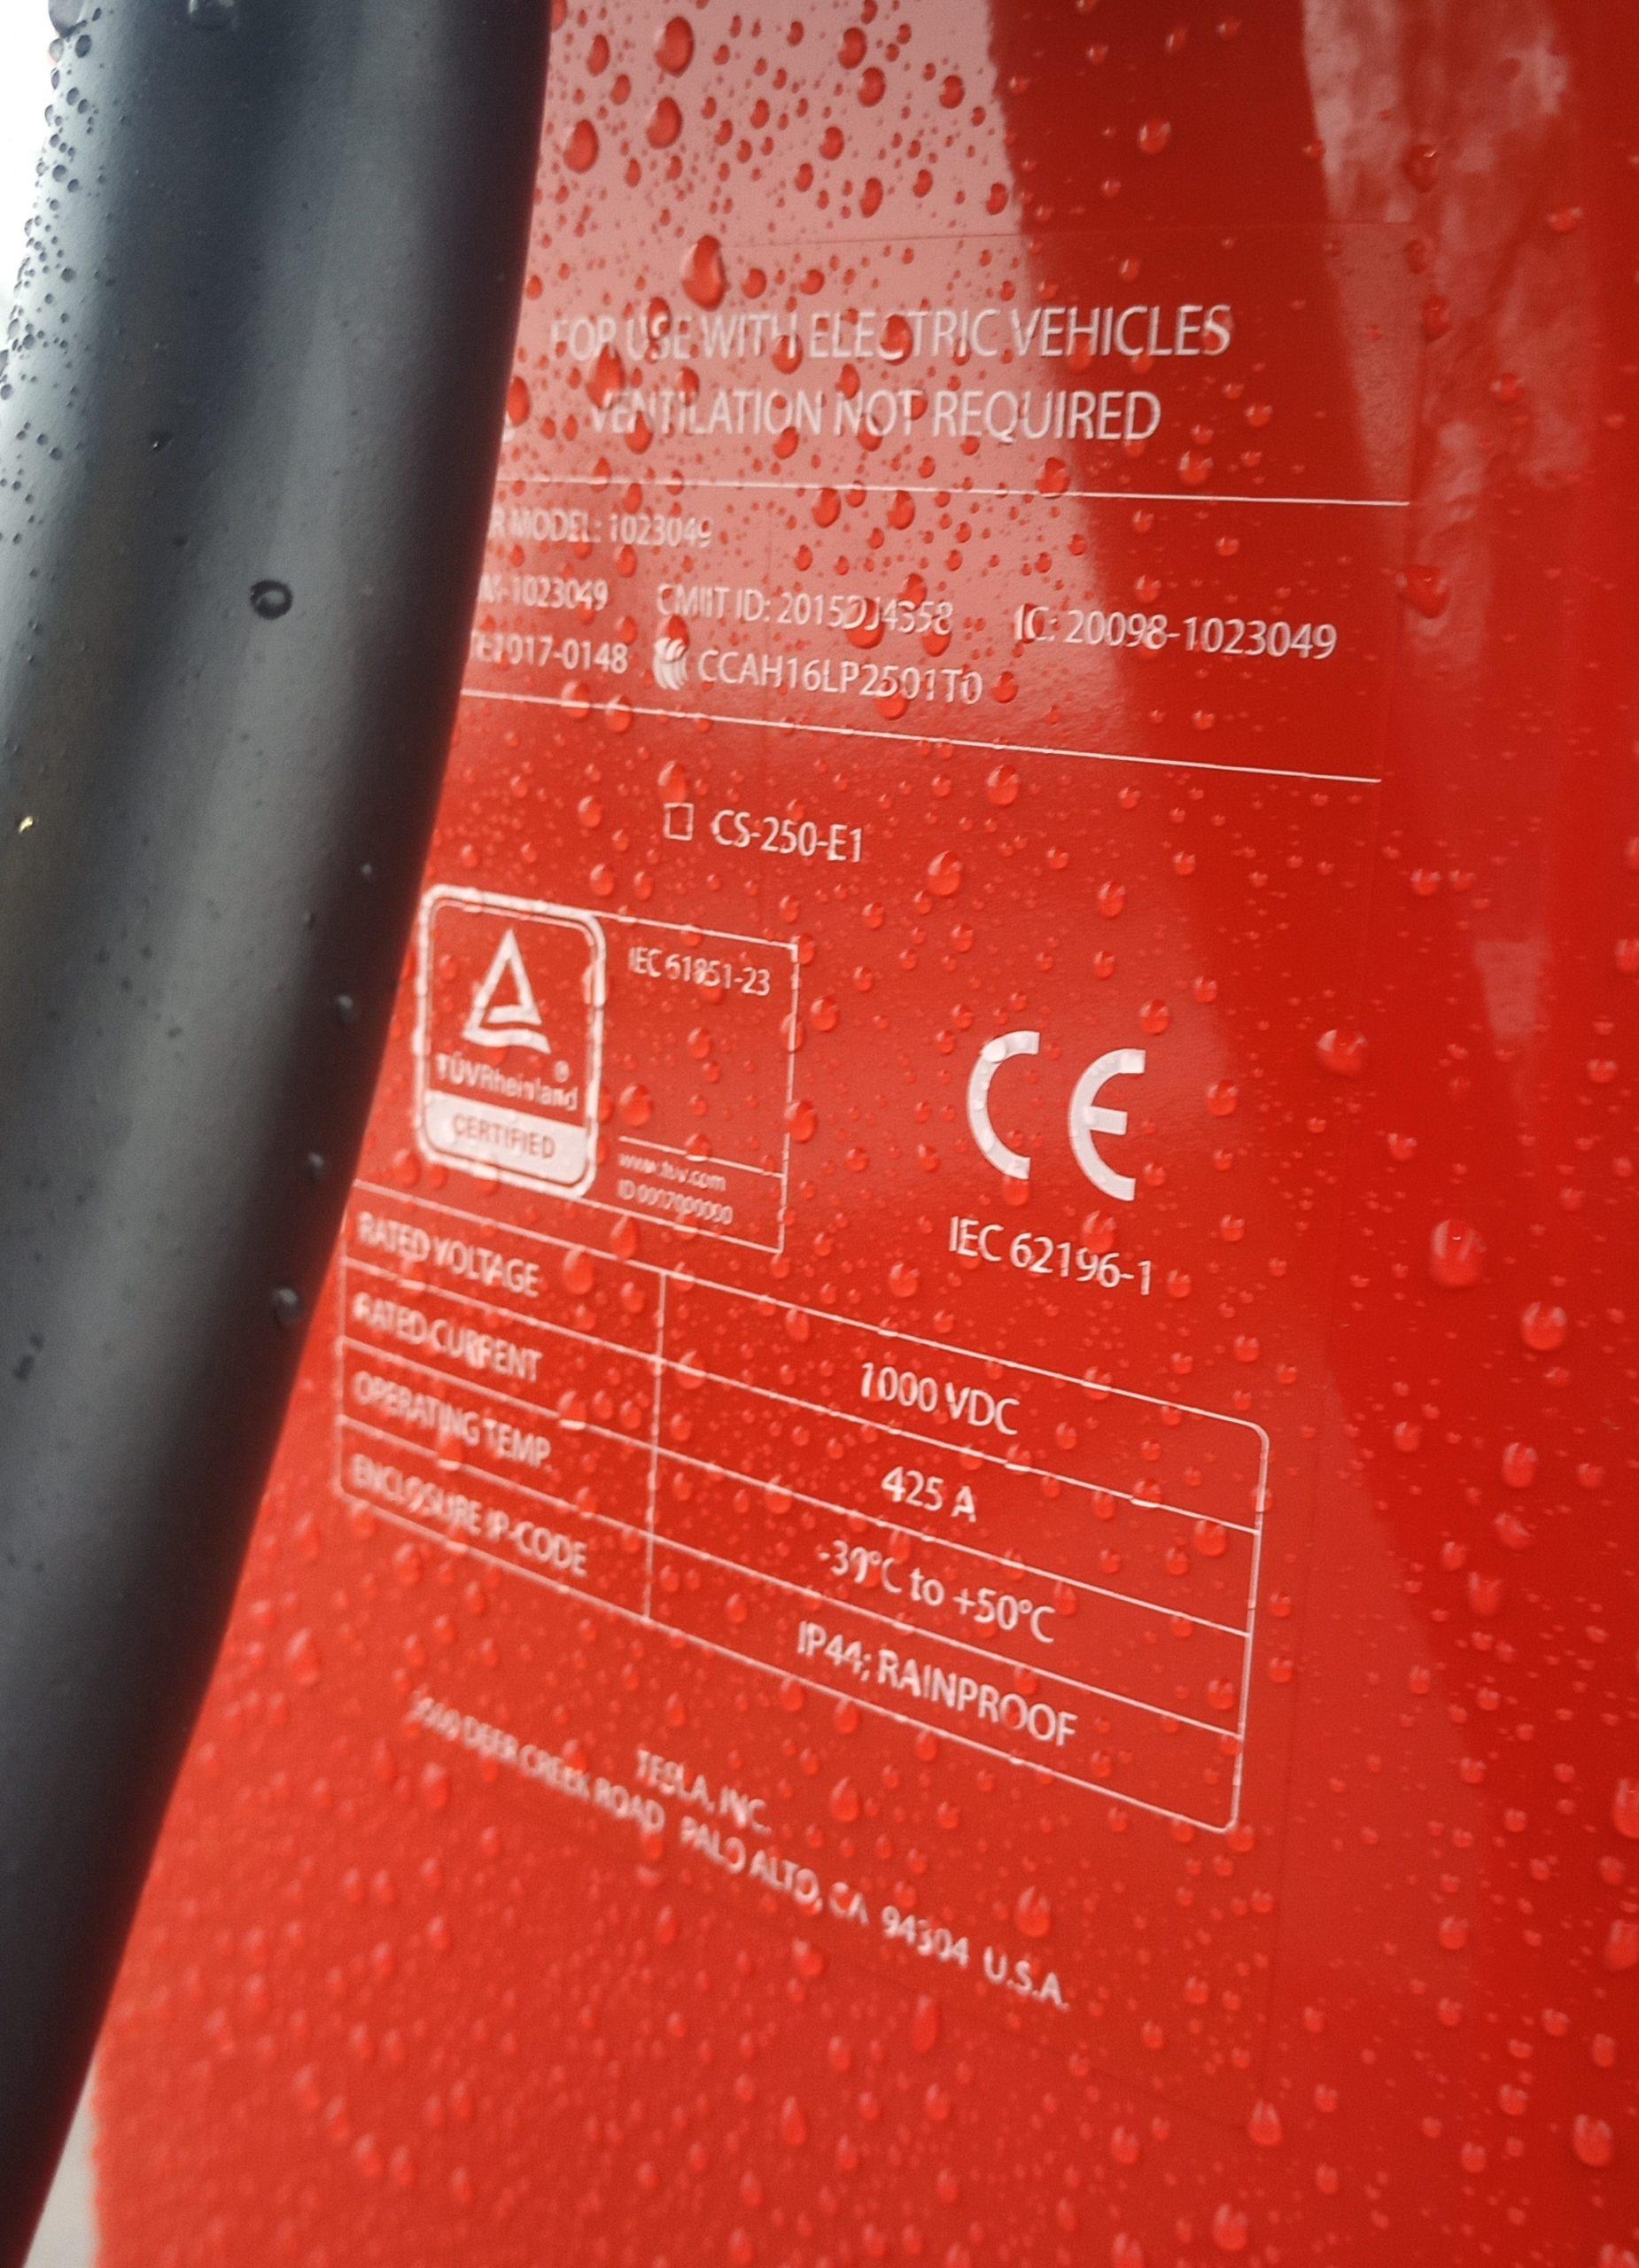 Tesla SuperCharger V3 specifications at the Nürburgring